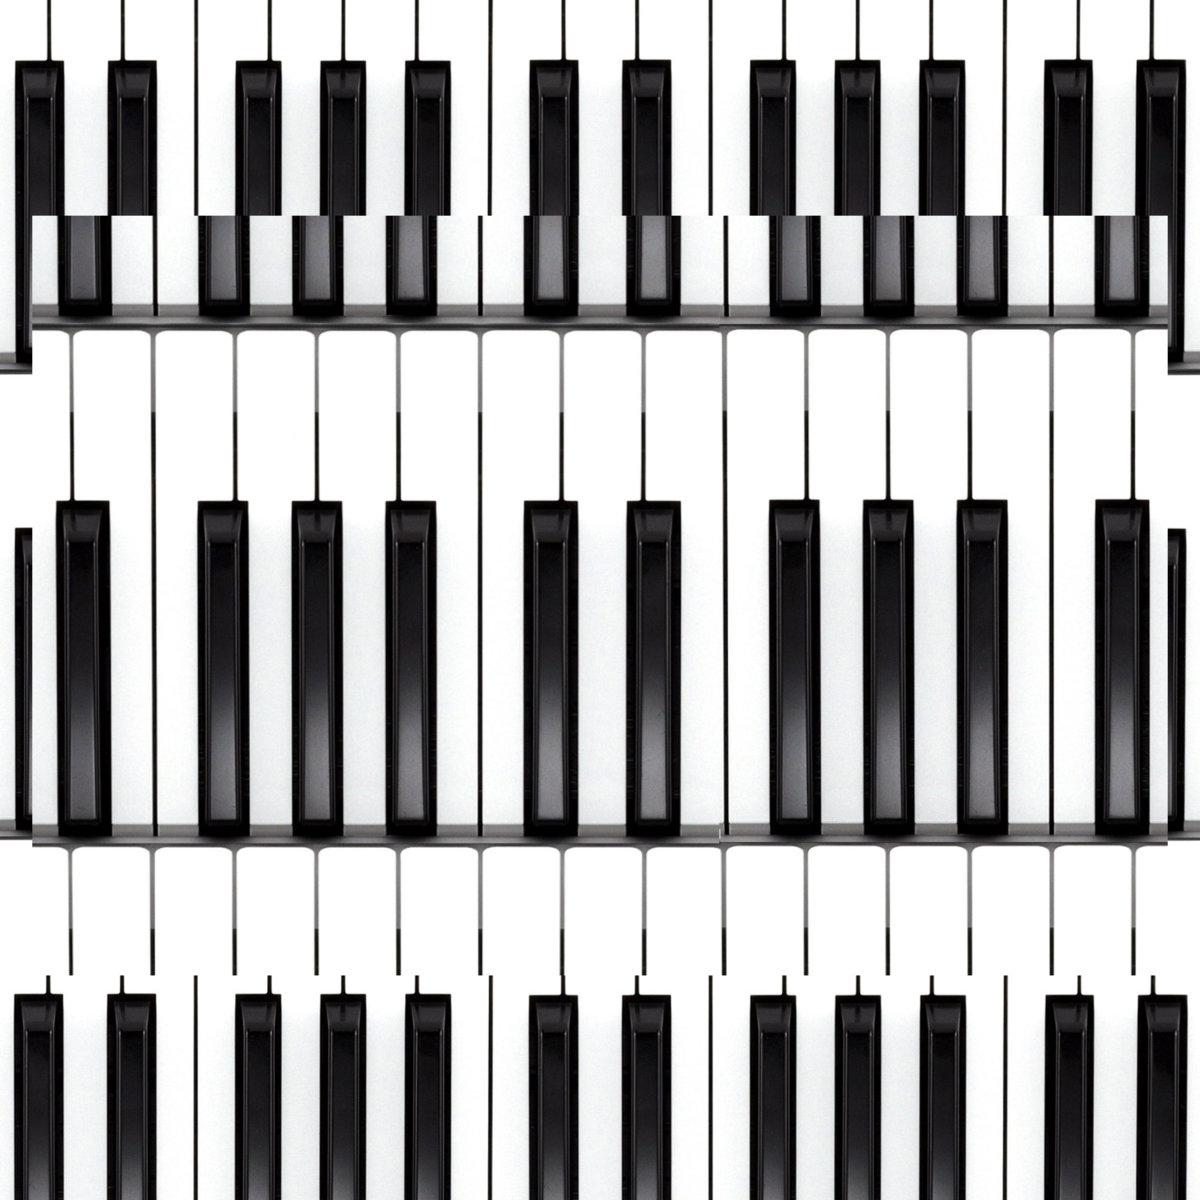 Музыка и современное искусство: выставка «Криптотишина»